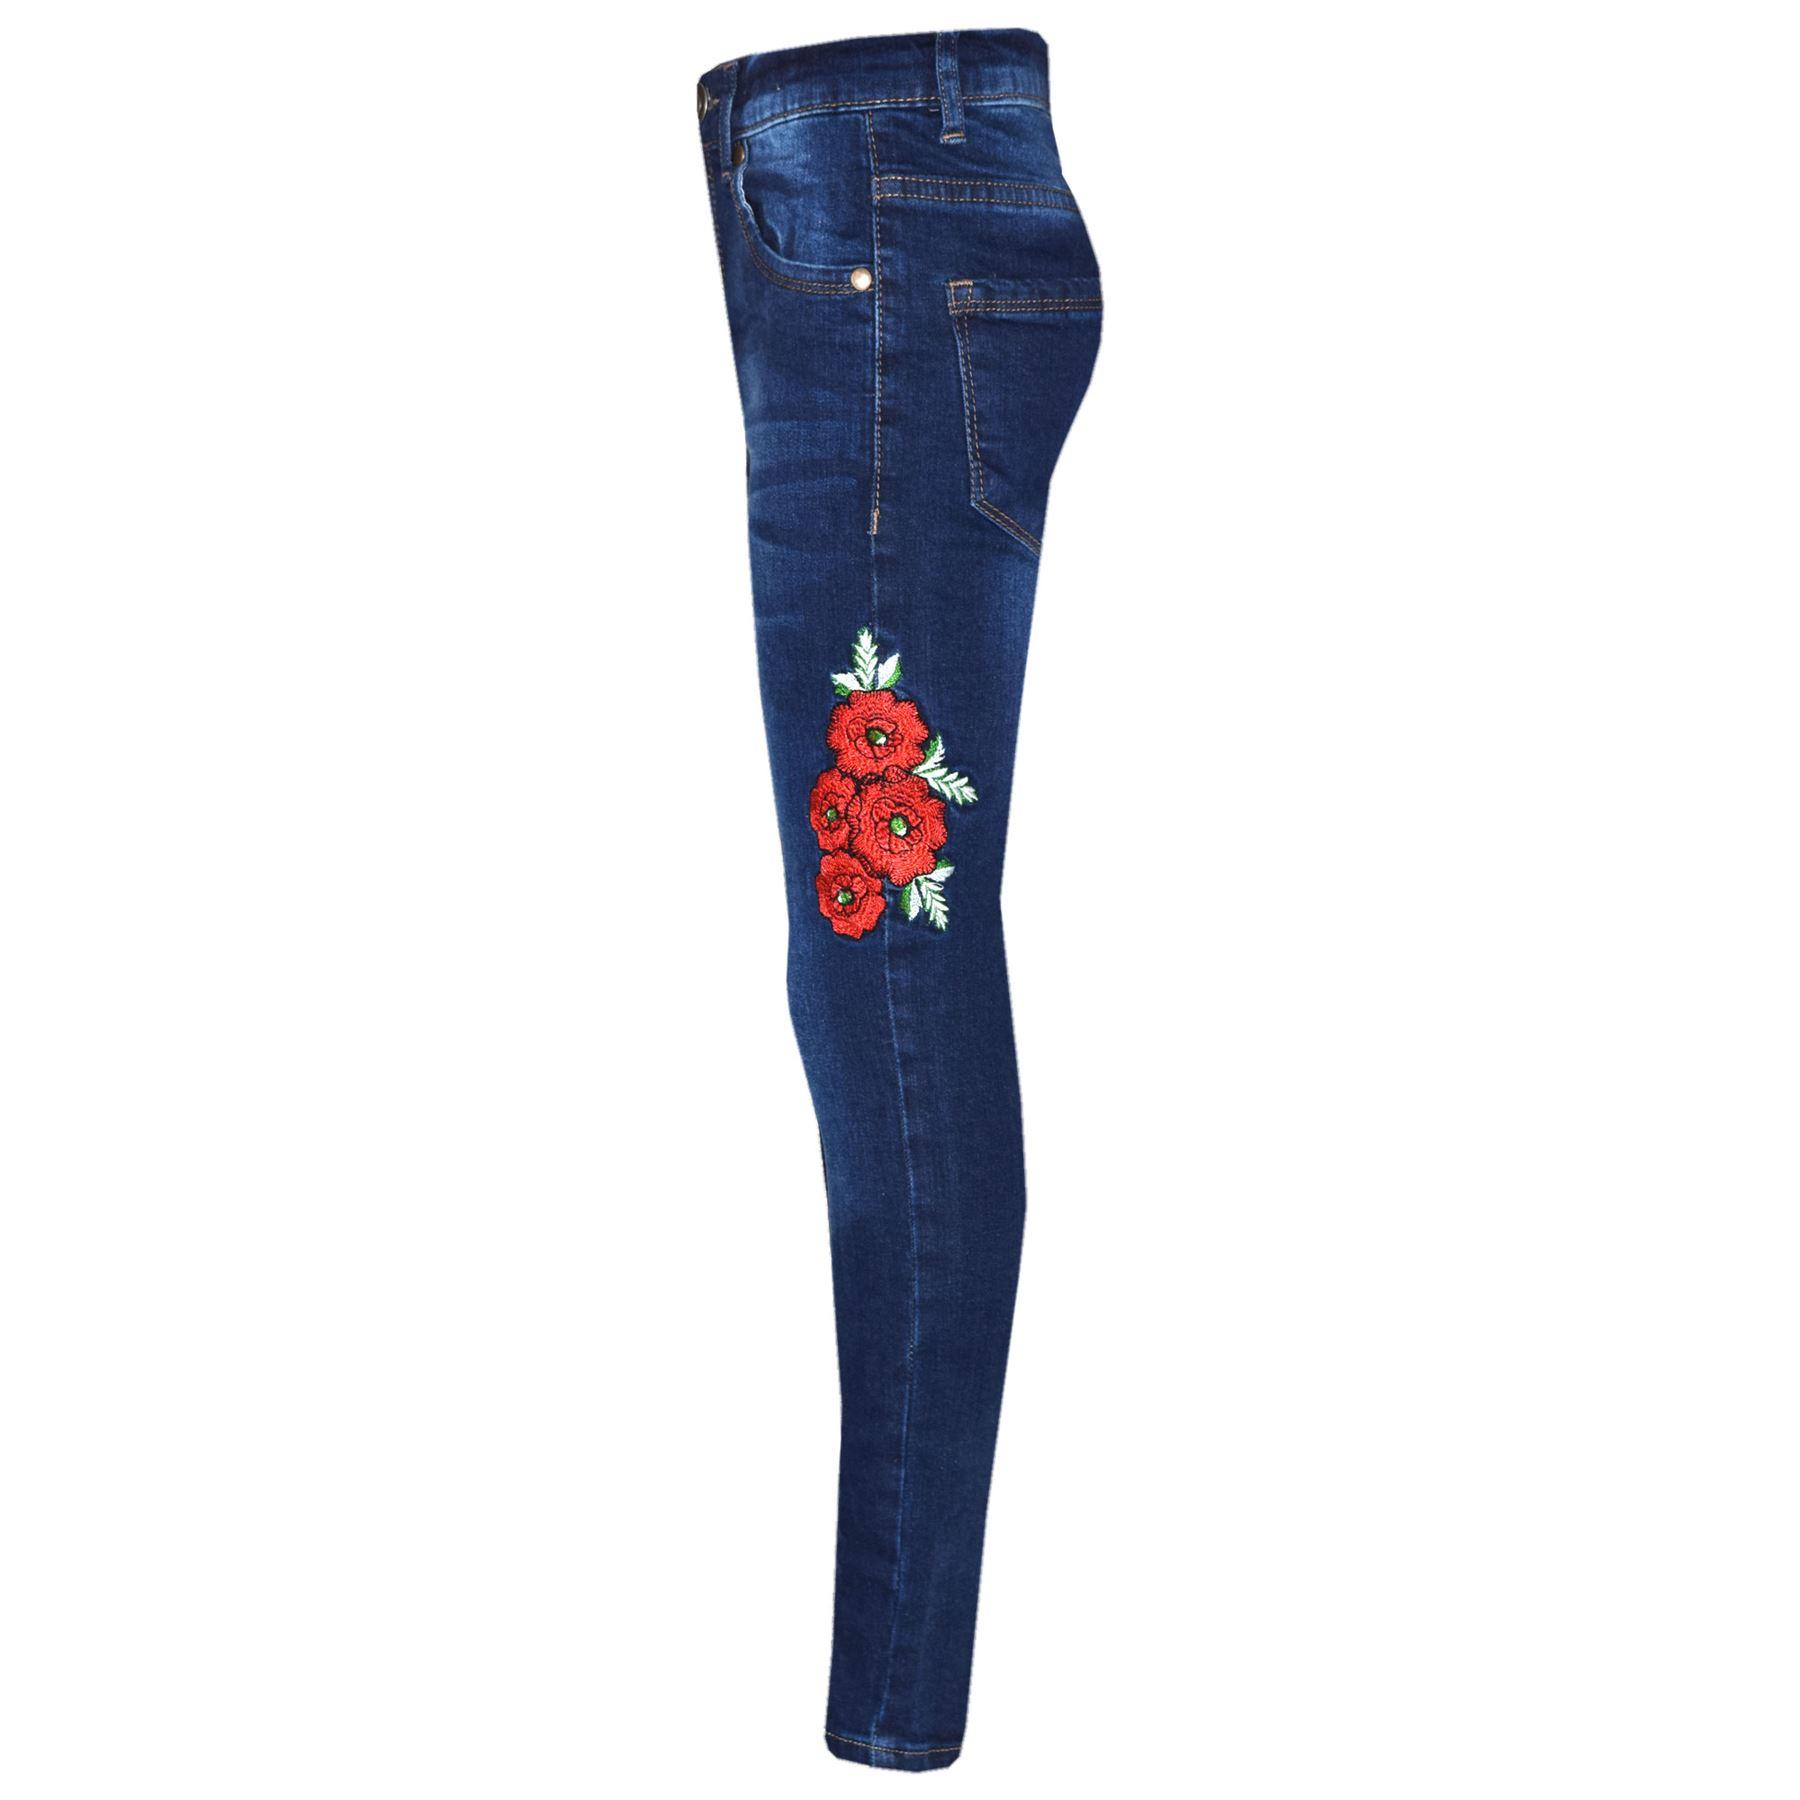 Niña Vaqueros Elásticos Niños Rosas Estampado Pantalones Jeggings 5-13 Años